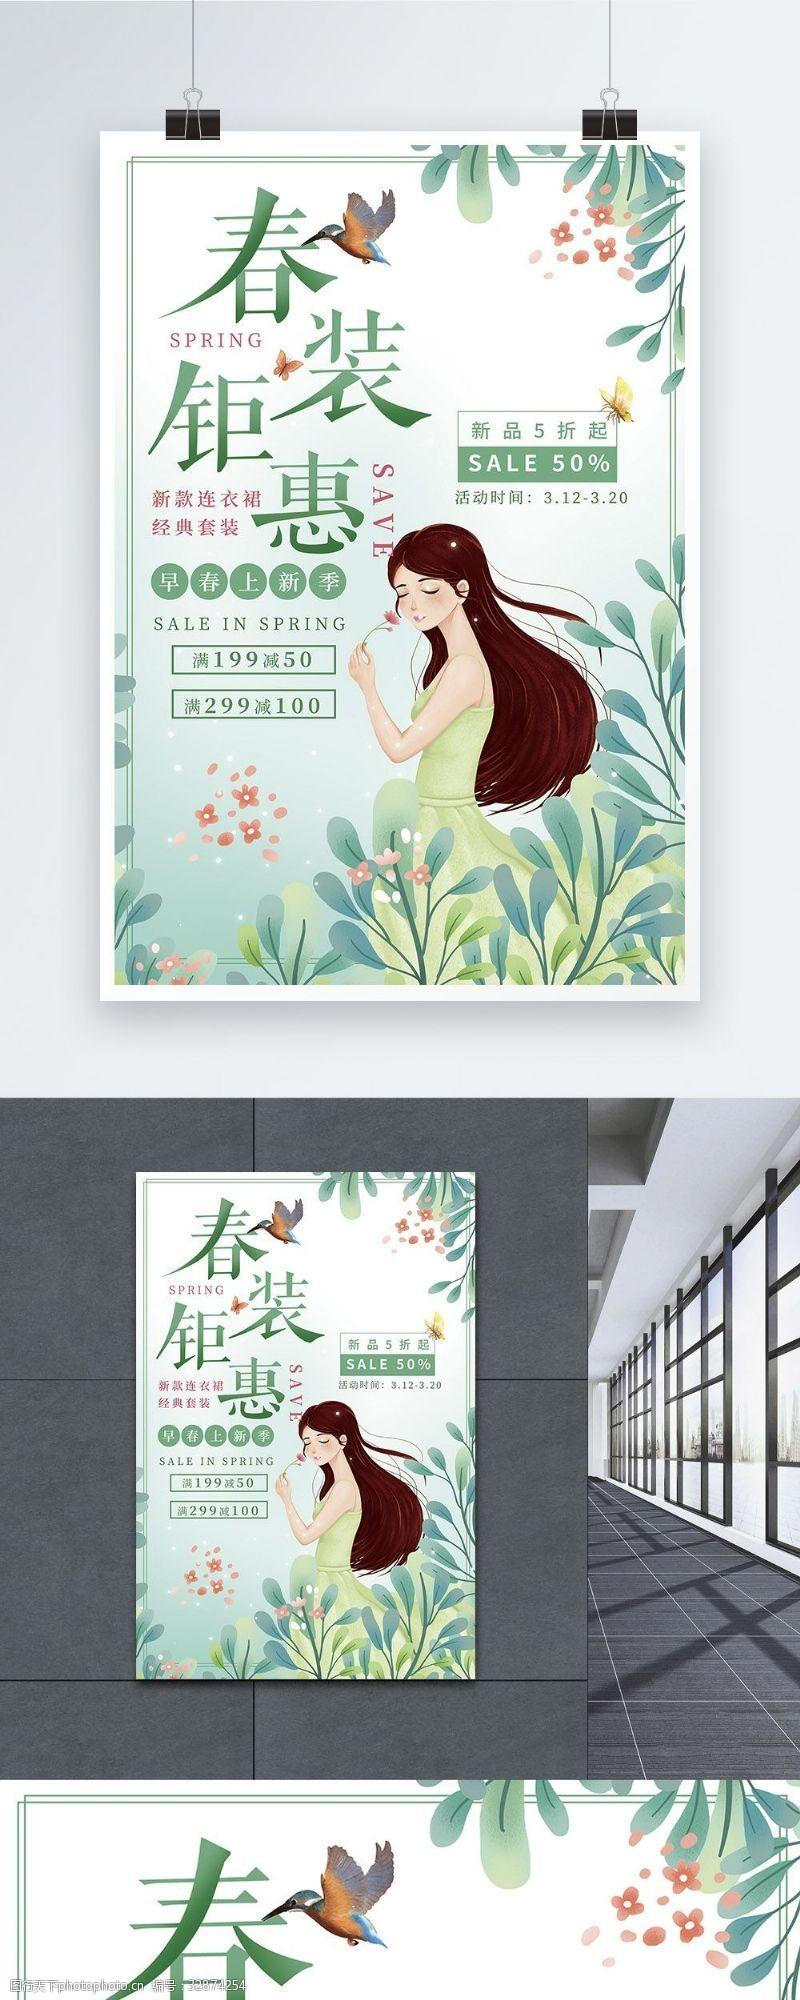 春季特卖春装钜惠促销海报